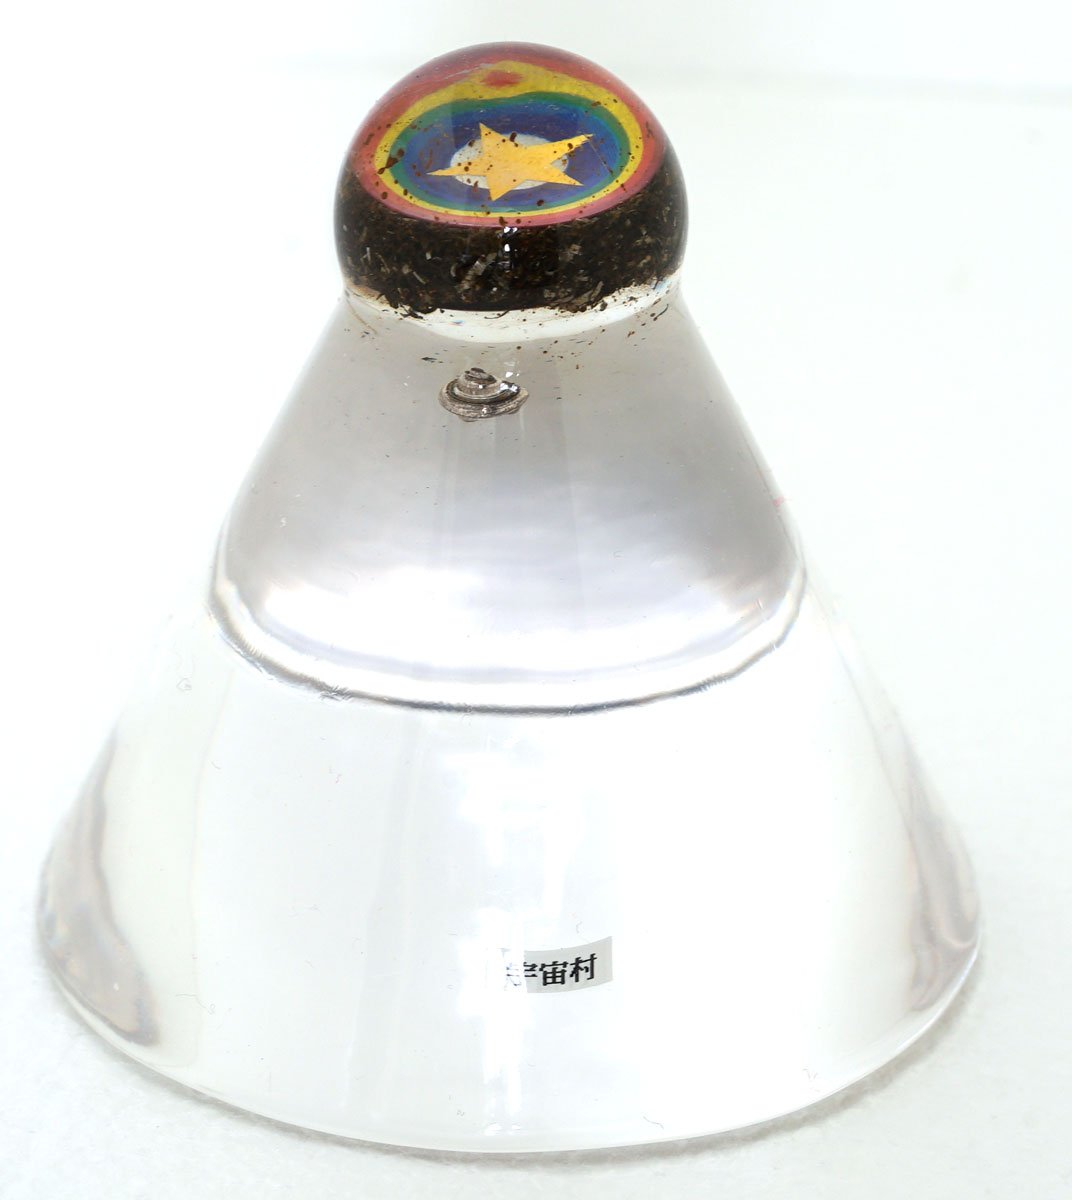 隕石入り肛門グッド器 宇宙パワーイレブン 肛門の指圧 血行促進 Gibeon meteorite B01MSM6OF4